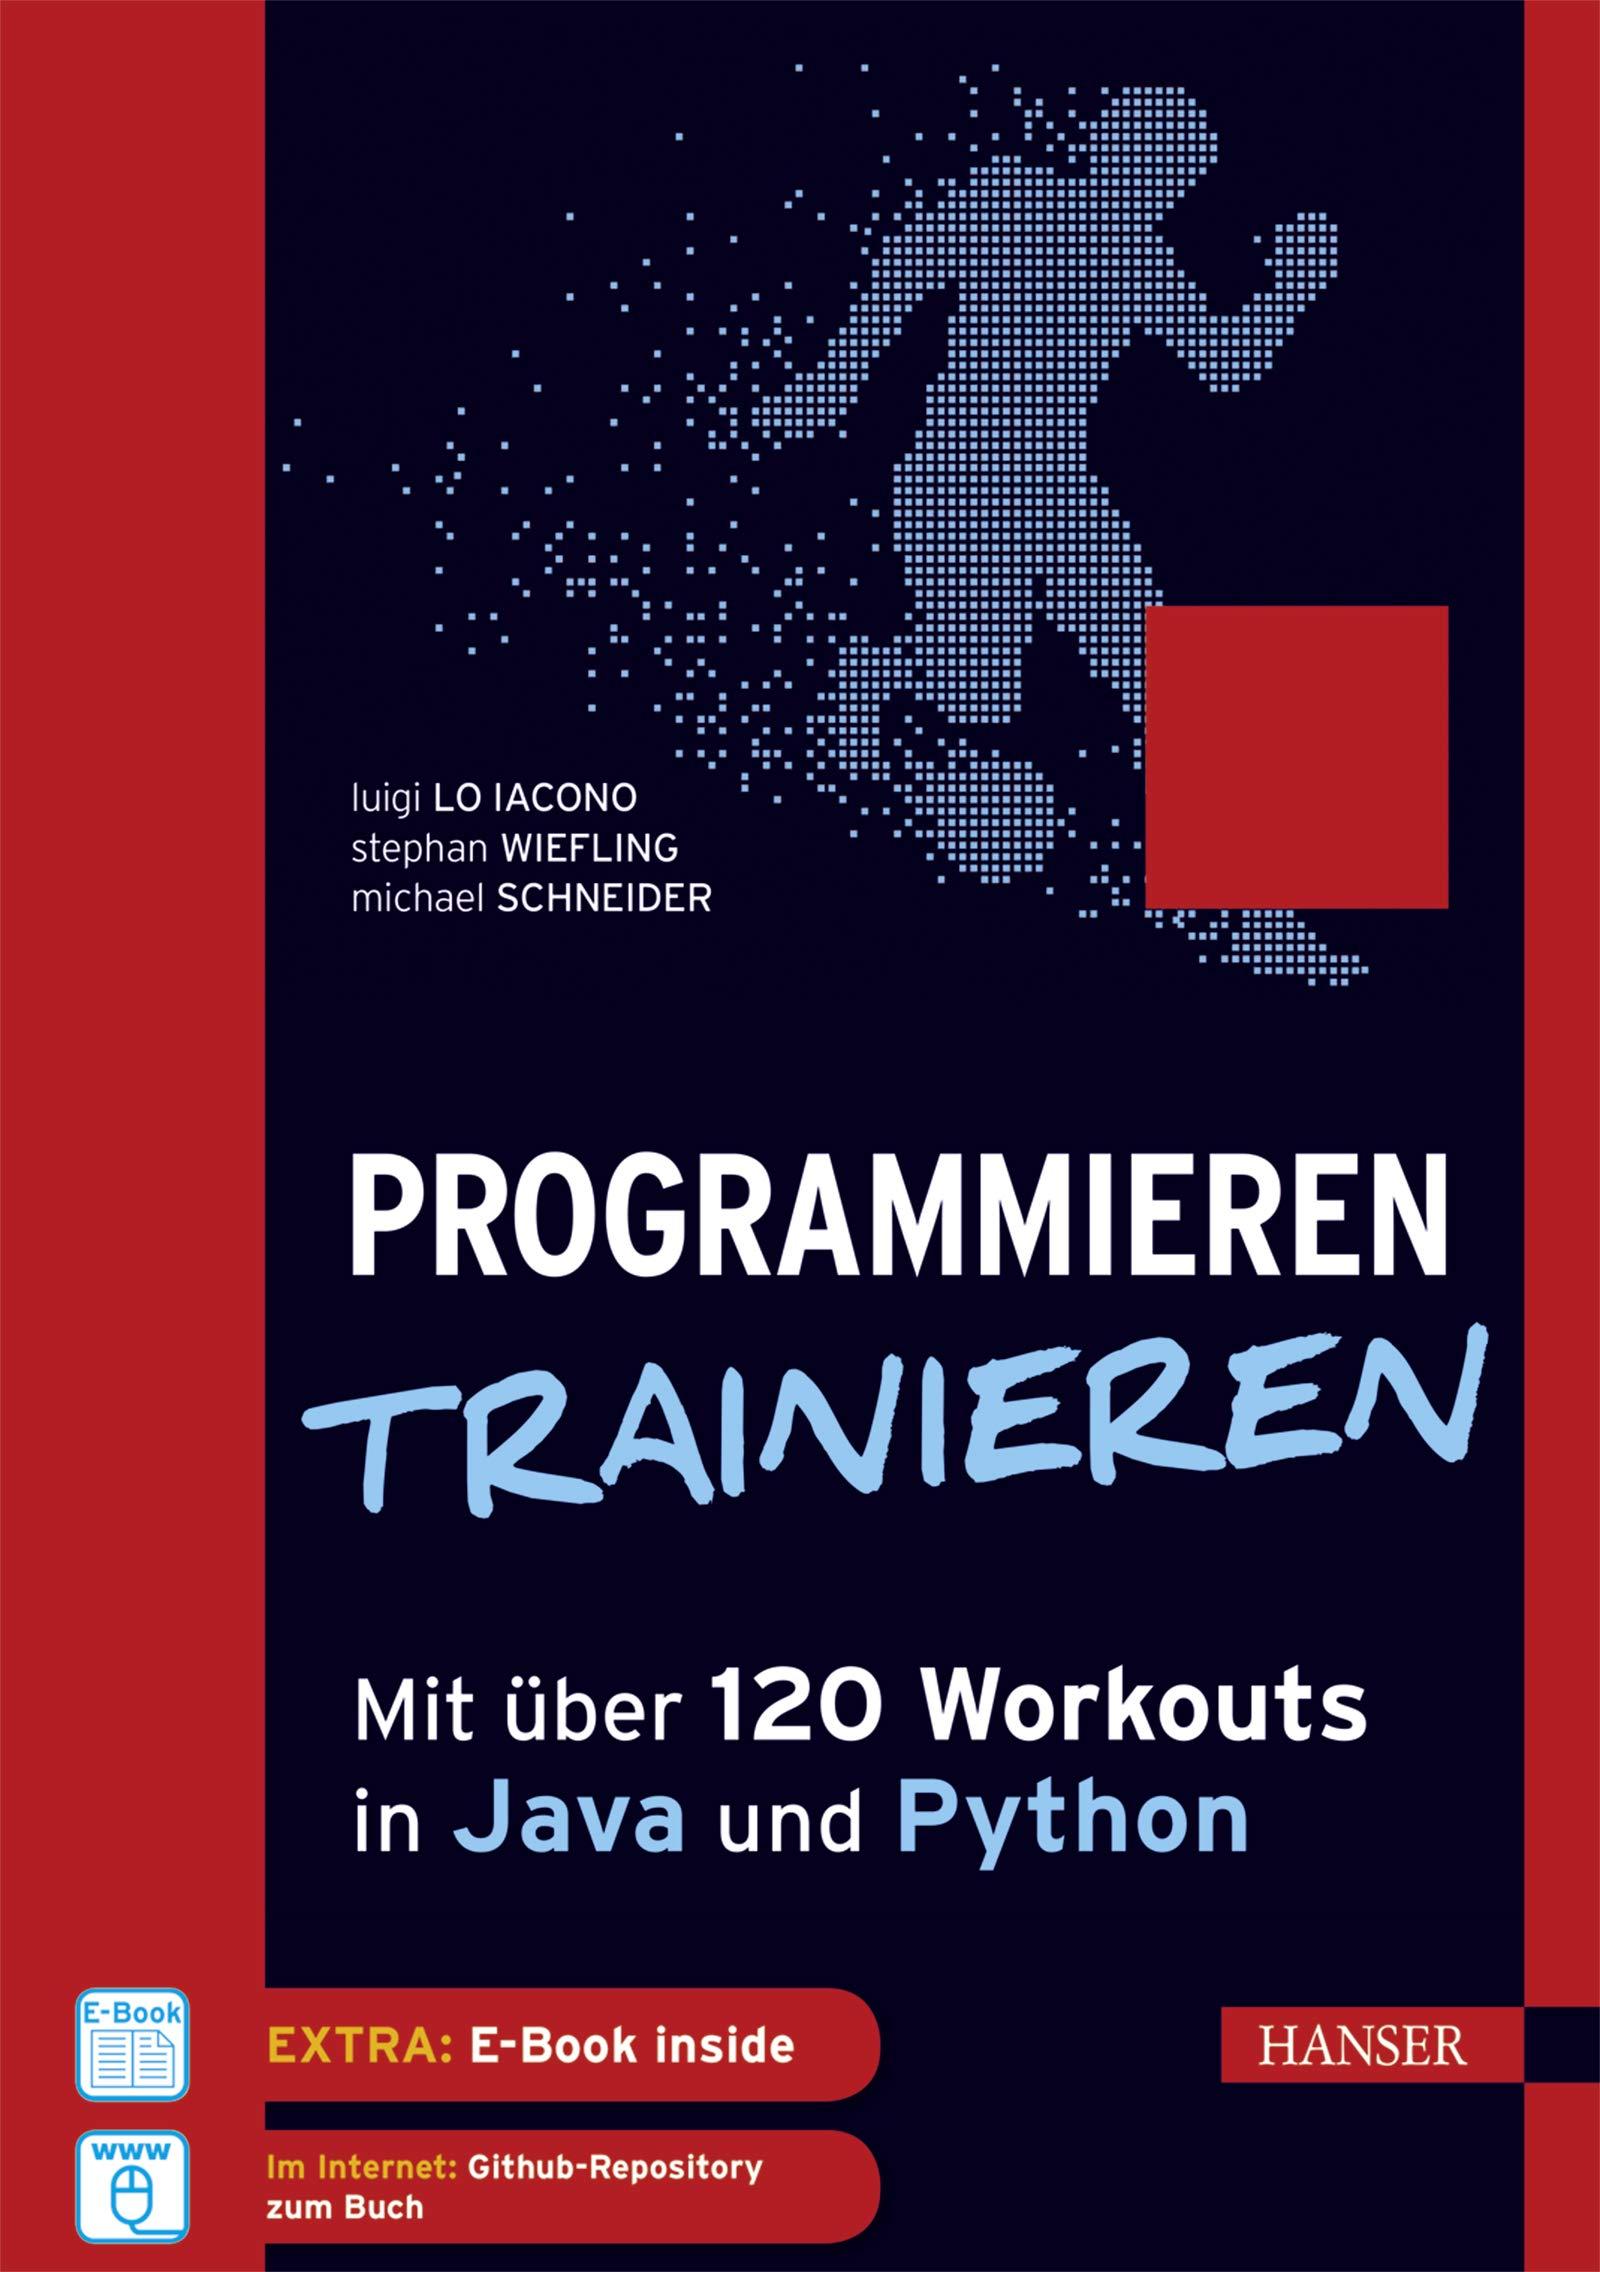 Programmieren trainieren: Mit über 120 Workouts in Java und Python Gebundenes Buch – 12. März 2018 Luigi Lo Iacono Stephan Wiefling Michael Schneider 3446454861